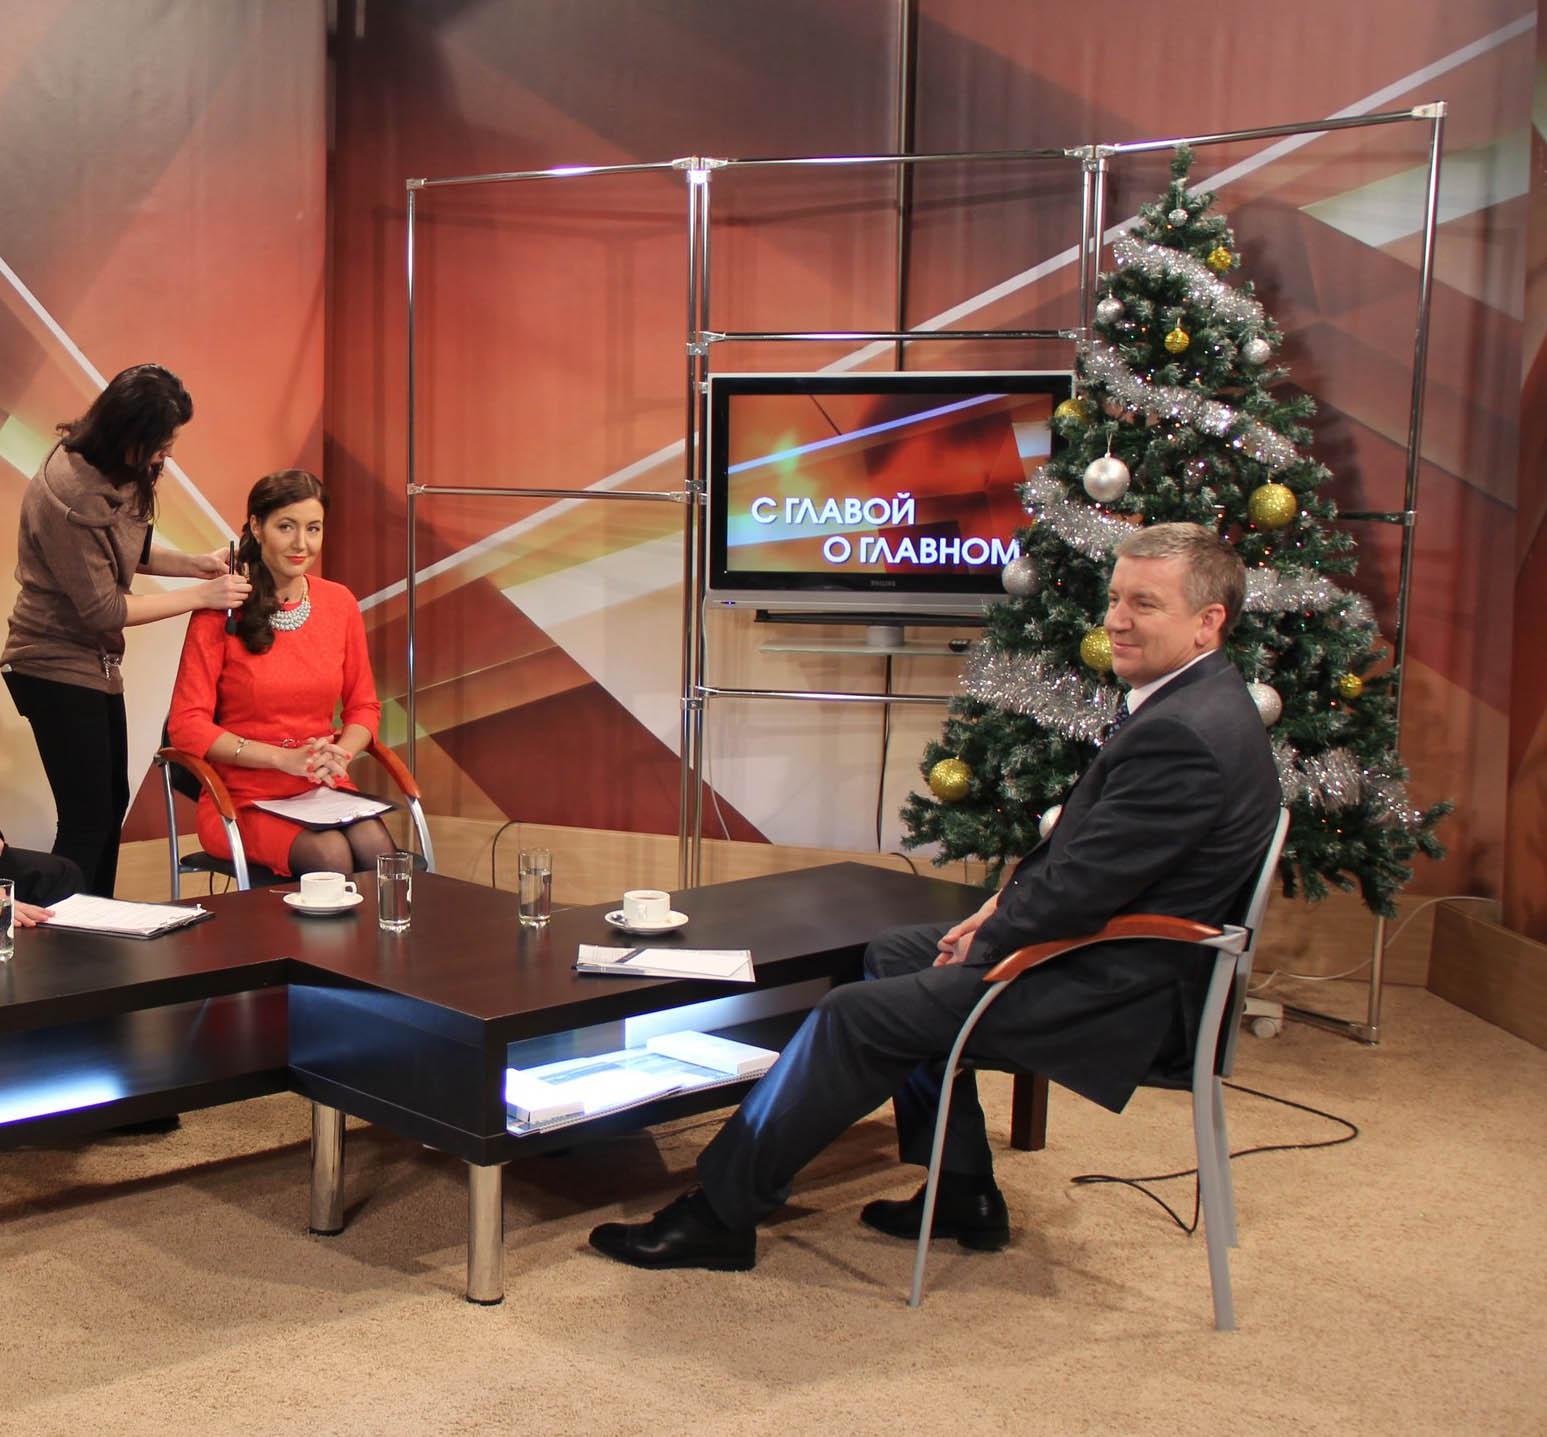 Новым пресс-секретарем главы Карелии стала Марина Кабатюк, которую многие в Петрозаводске помнят как тележурналиста. Фото: vk.com